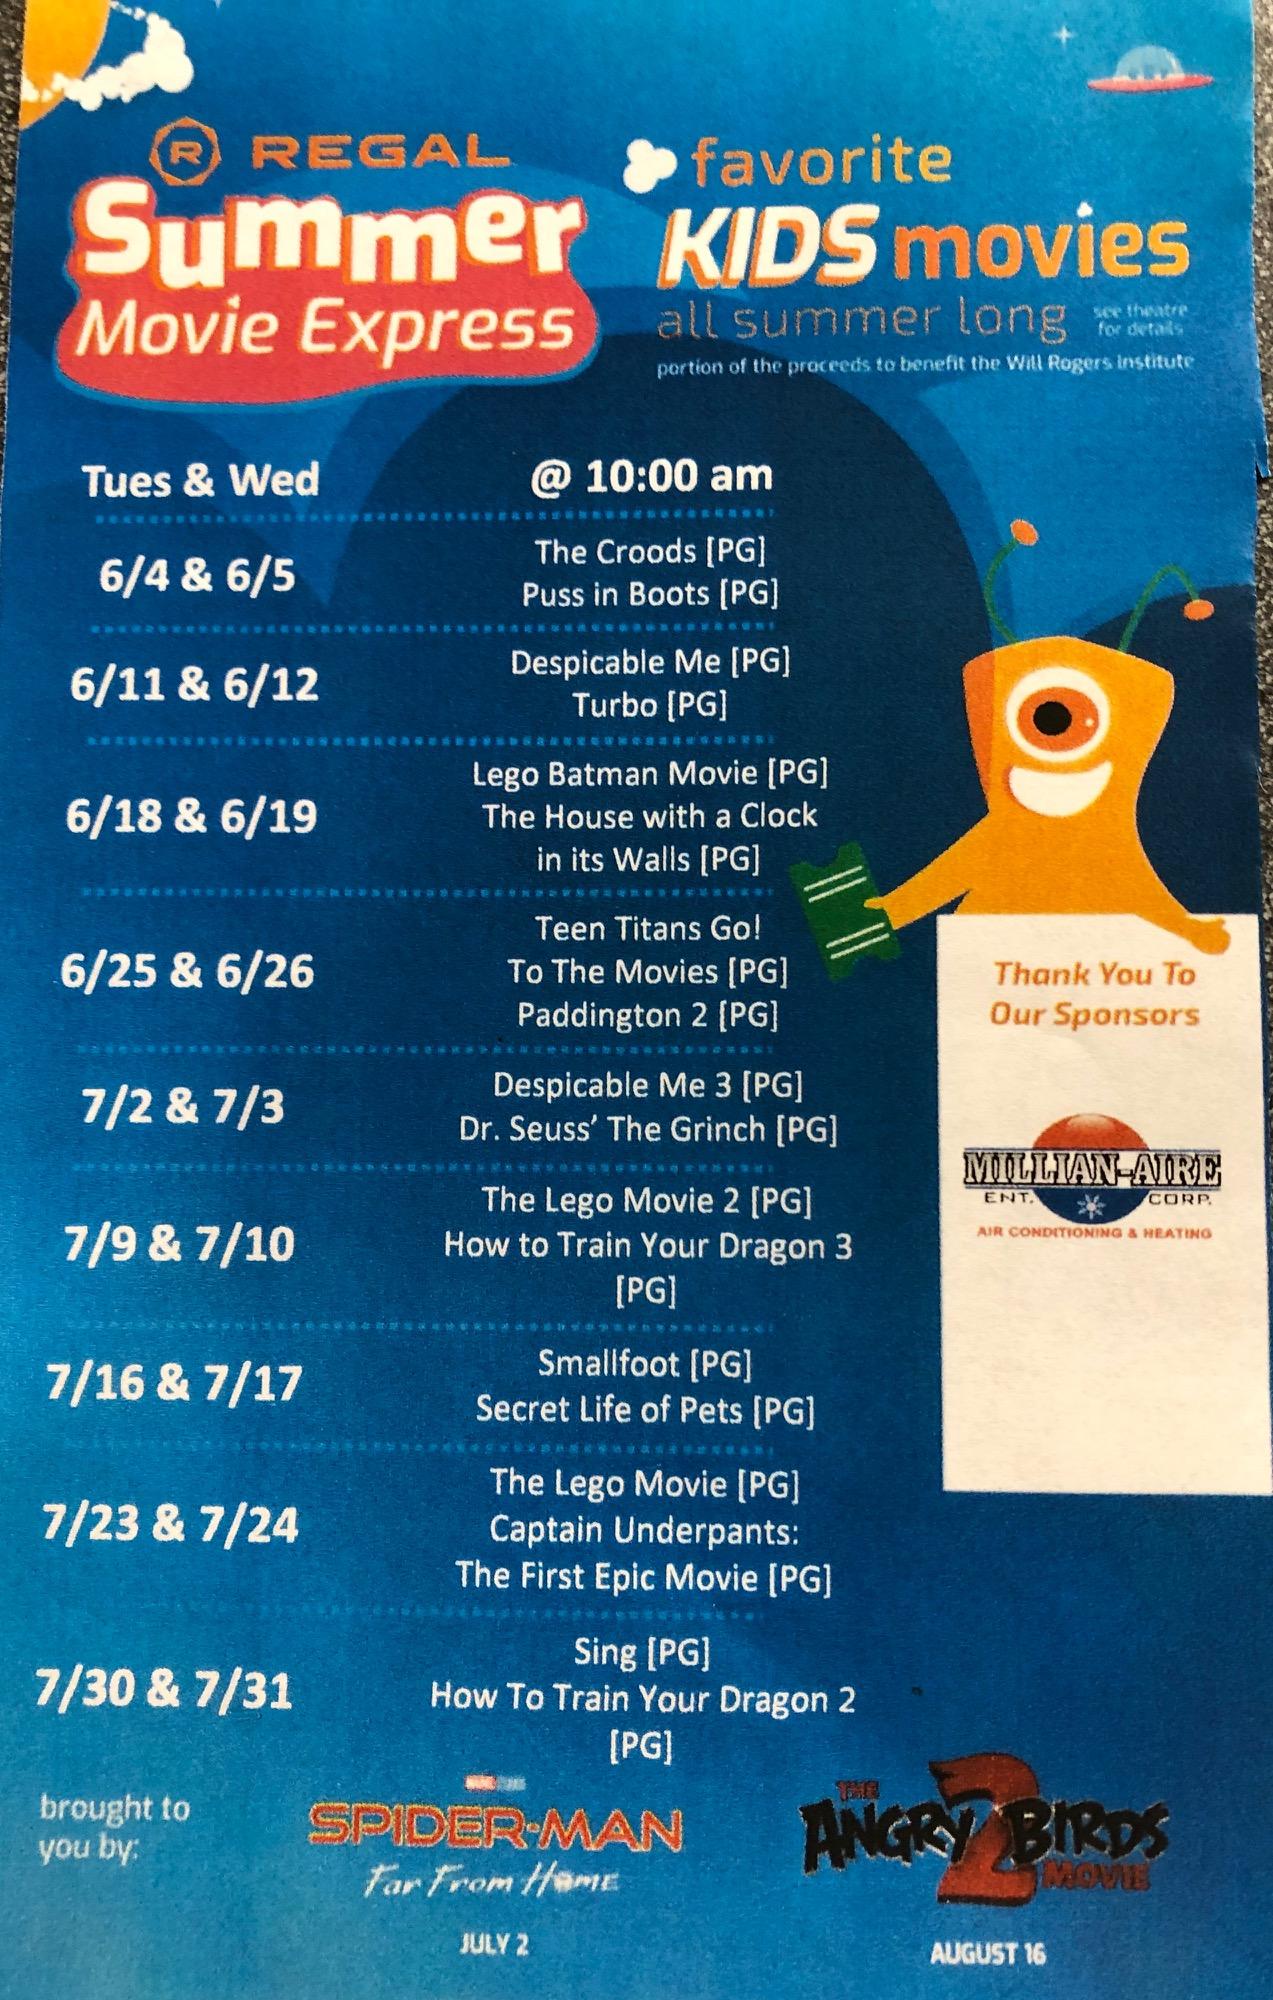 Regal summer kids movies schedule